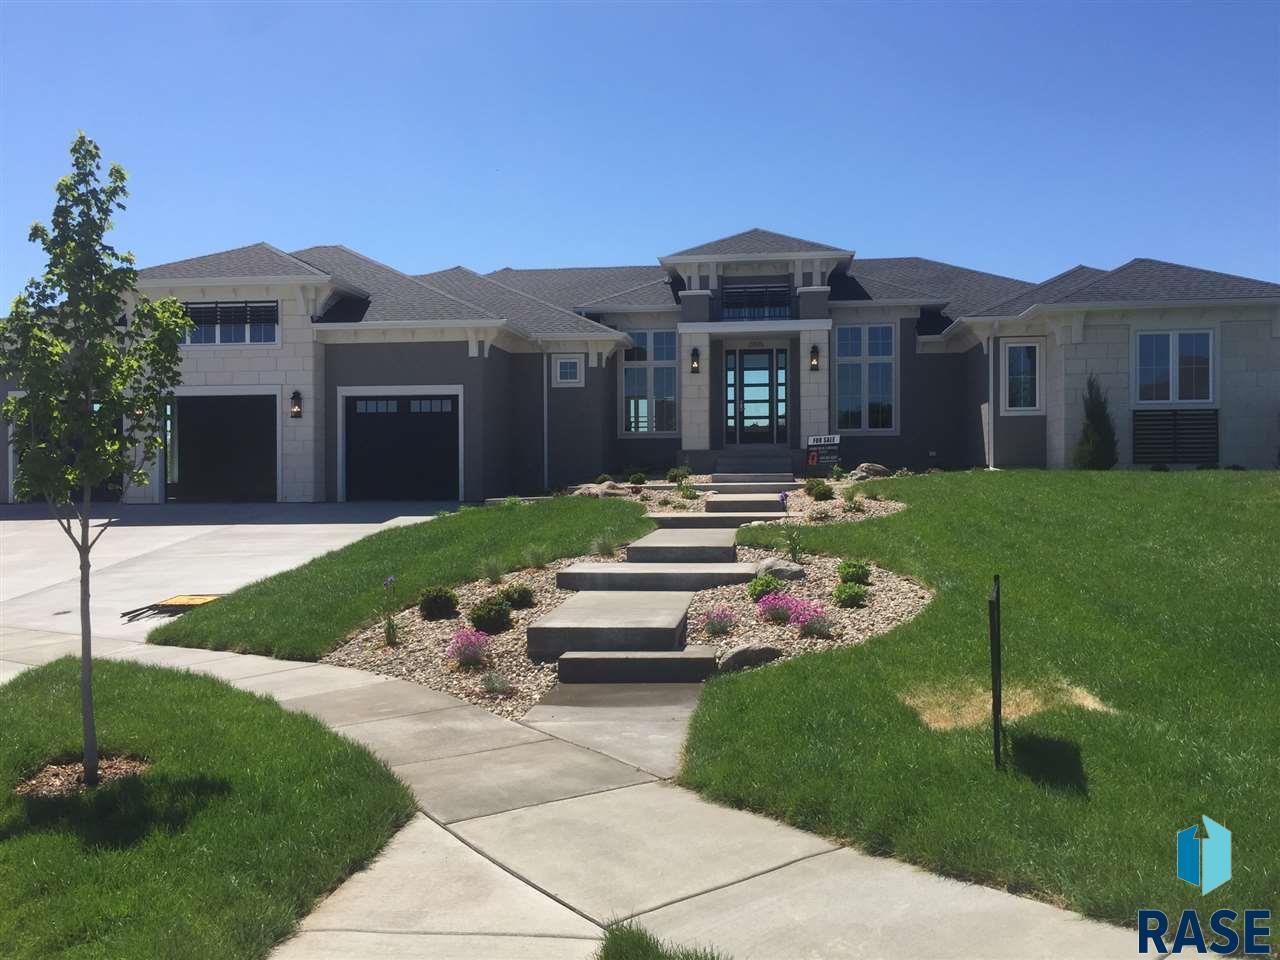 2805 W Leighton Cir, Sioux Falls, SD 57108